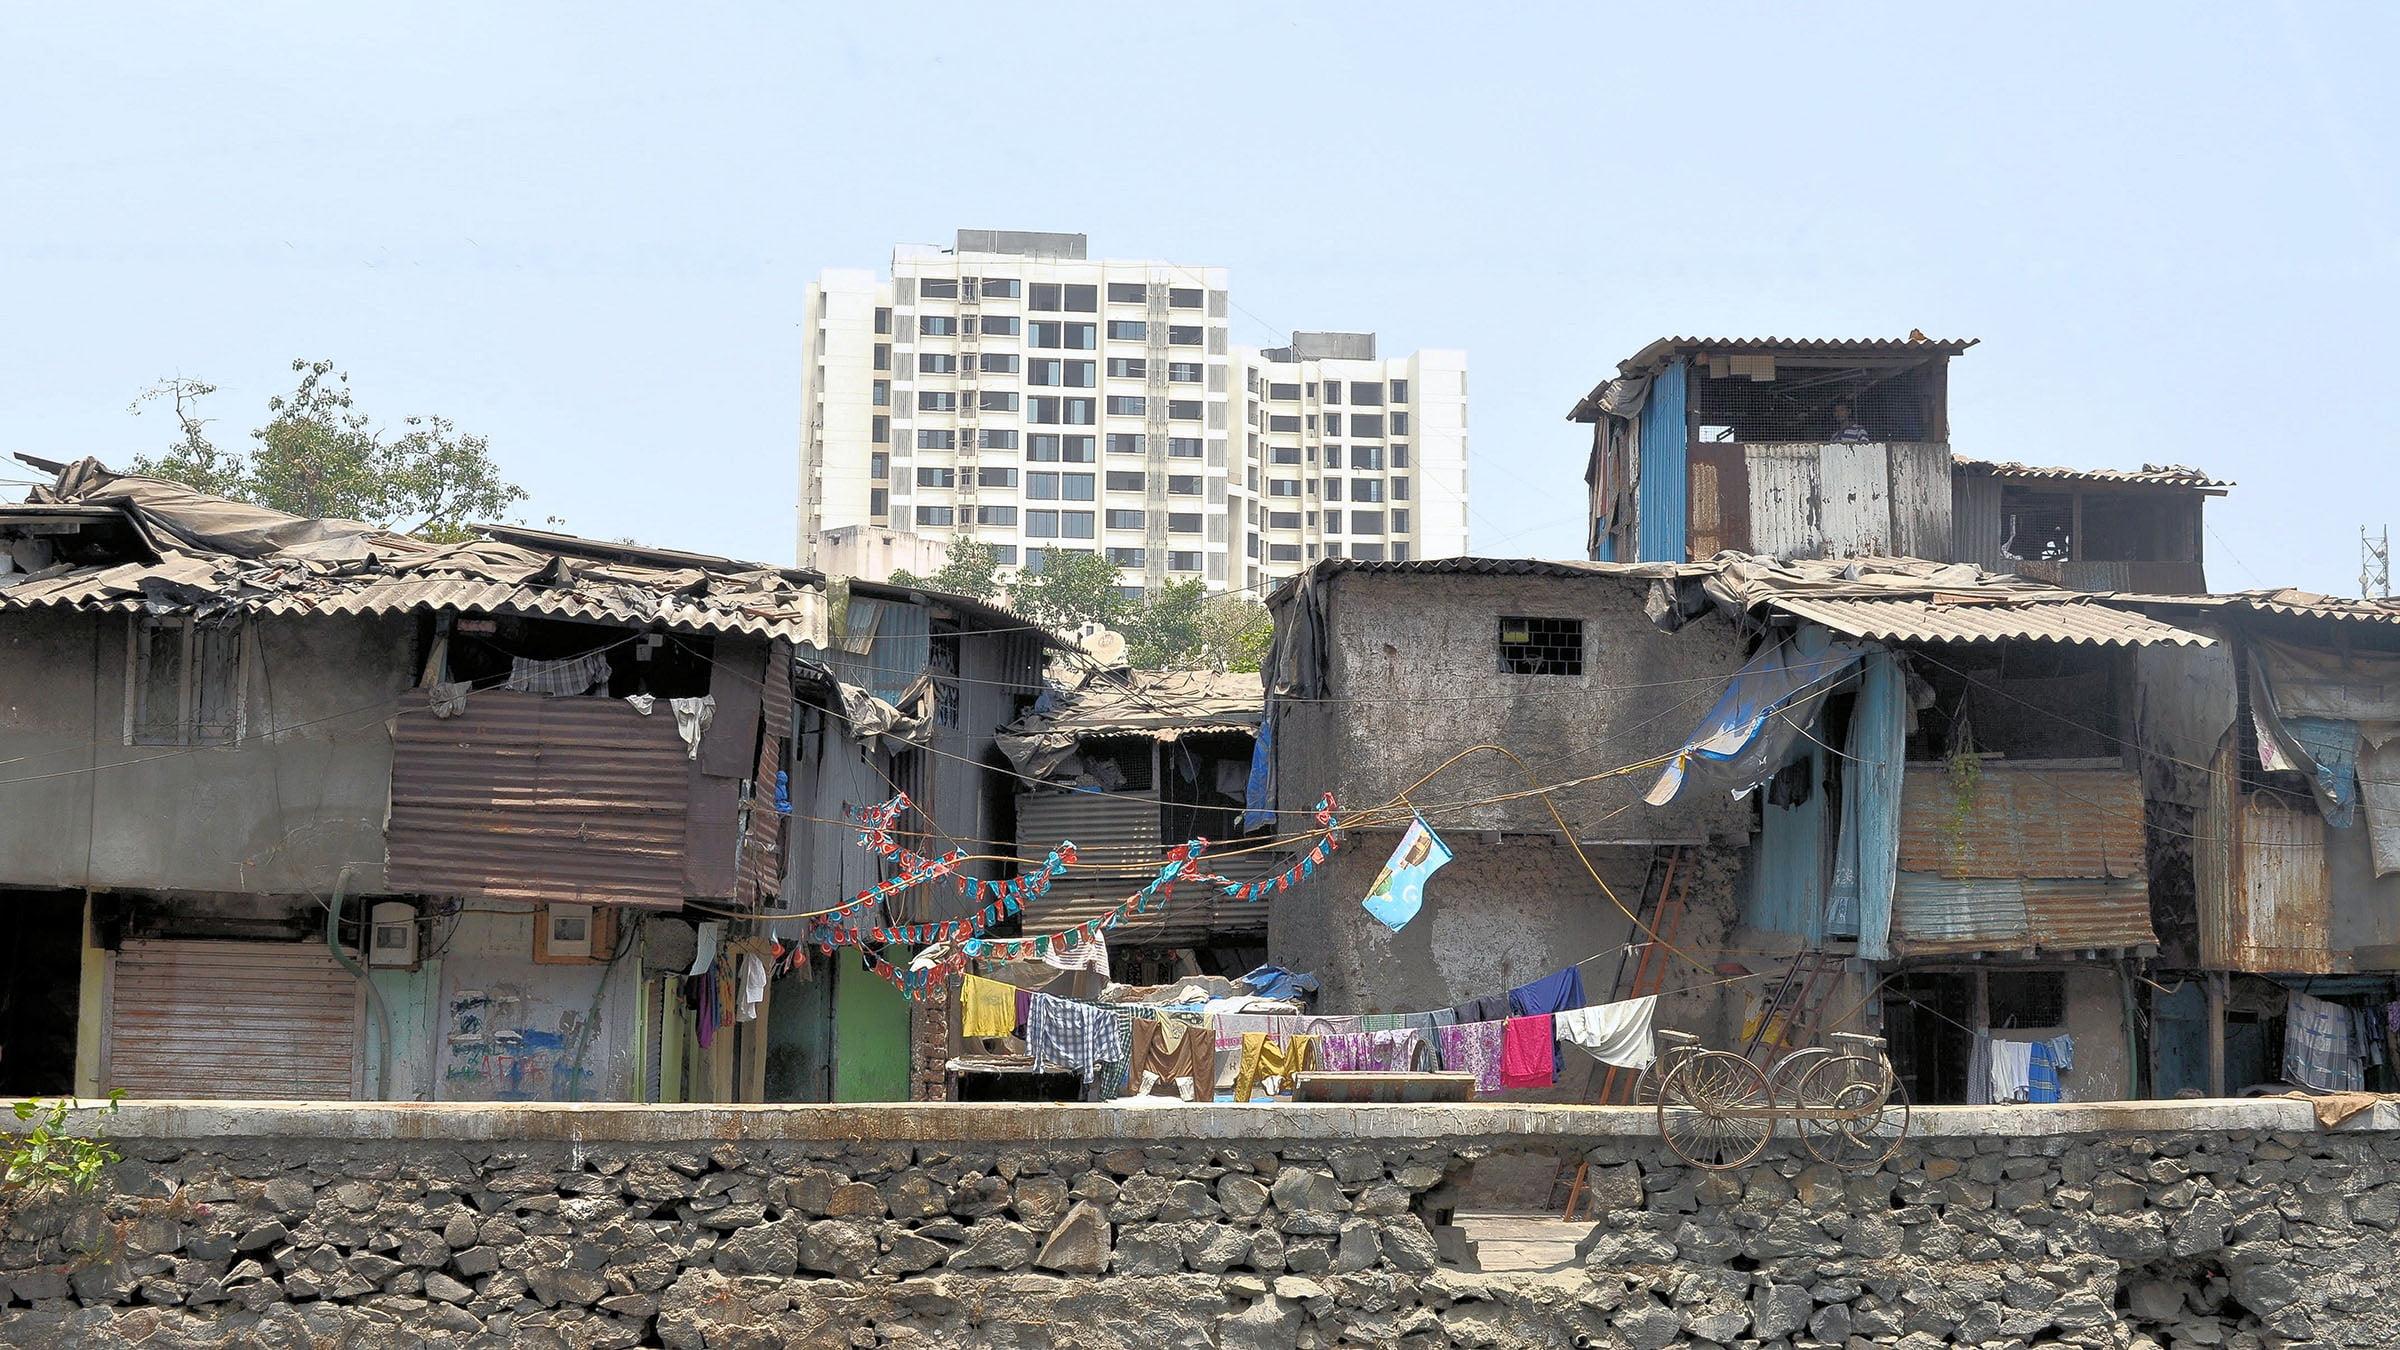 estadíaticas de la pobreza casas